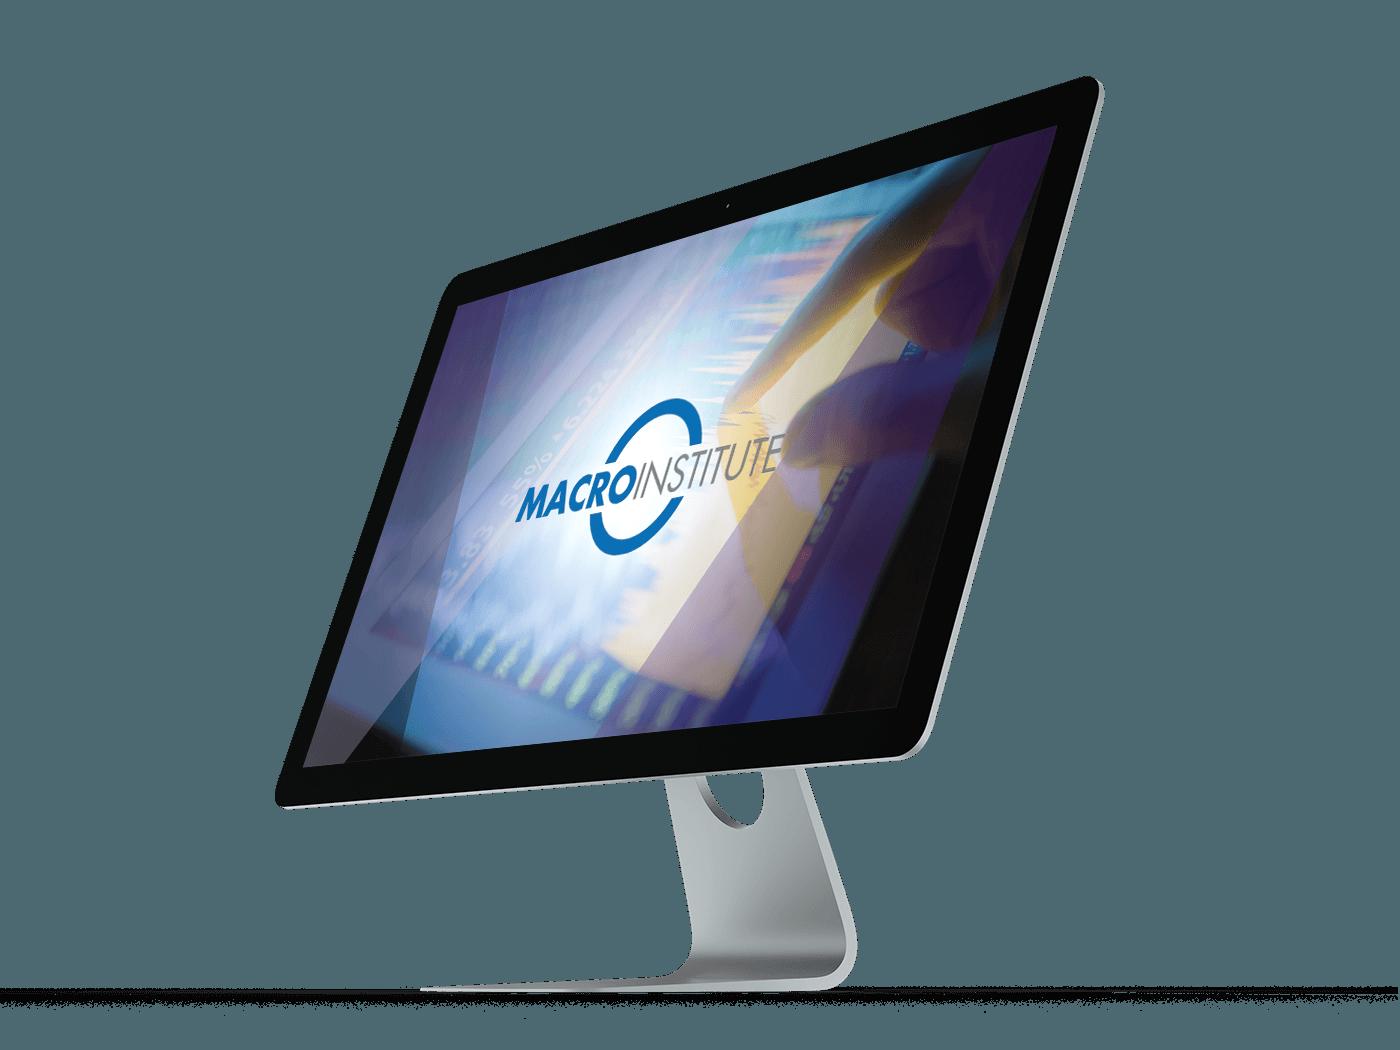 Macro Institute iMac